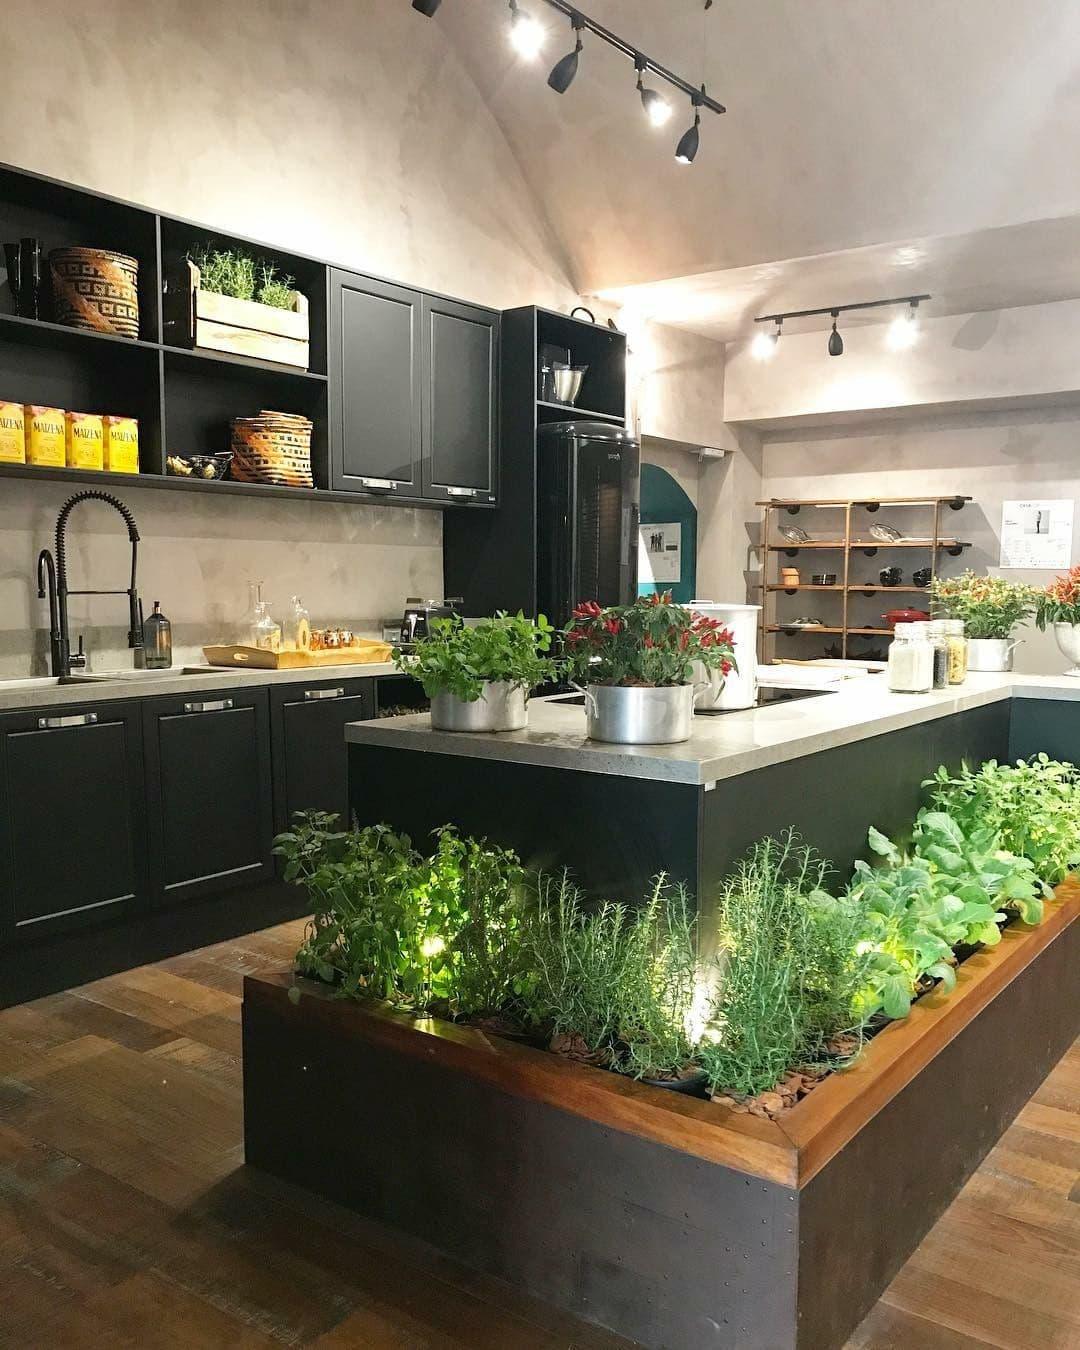 живая зелень на кухне фото следующий день